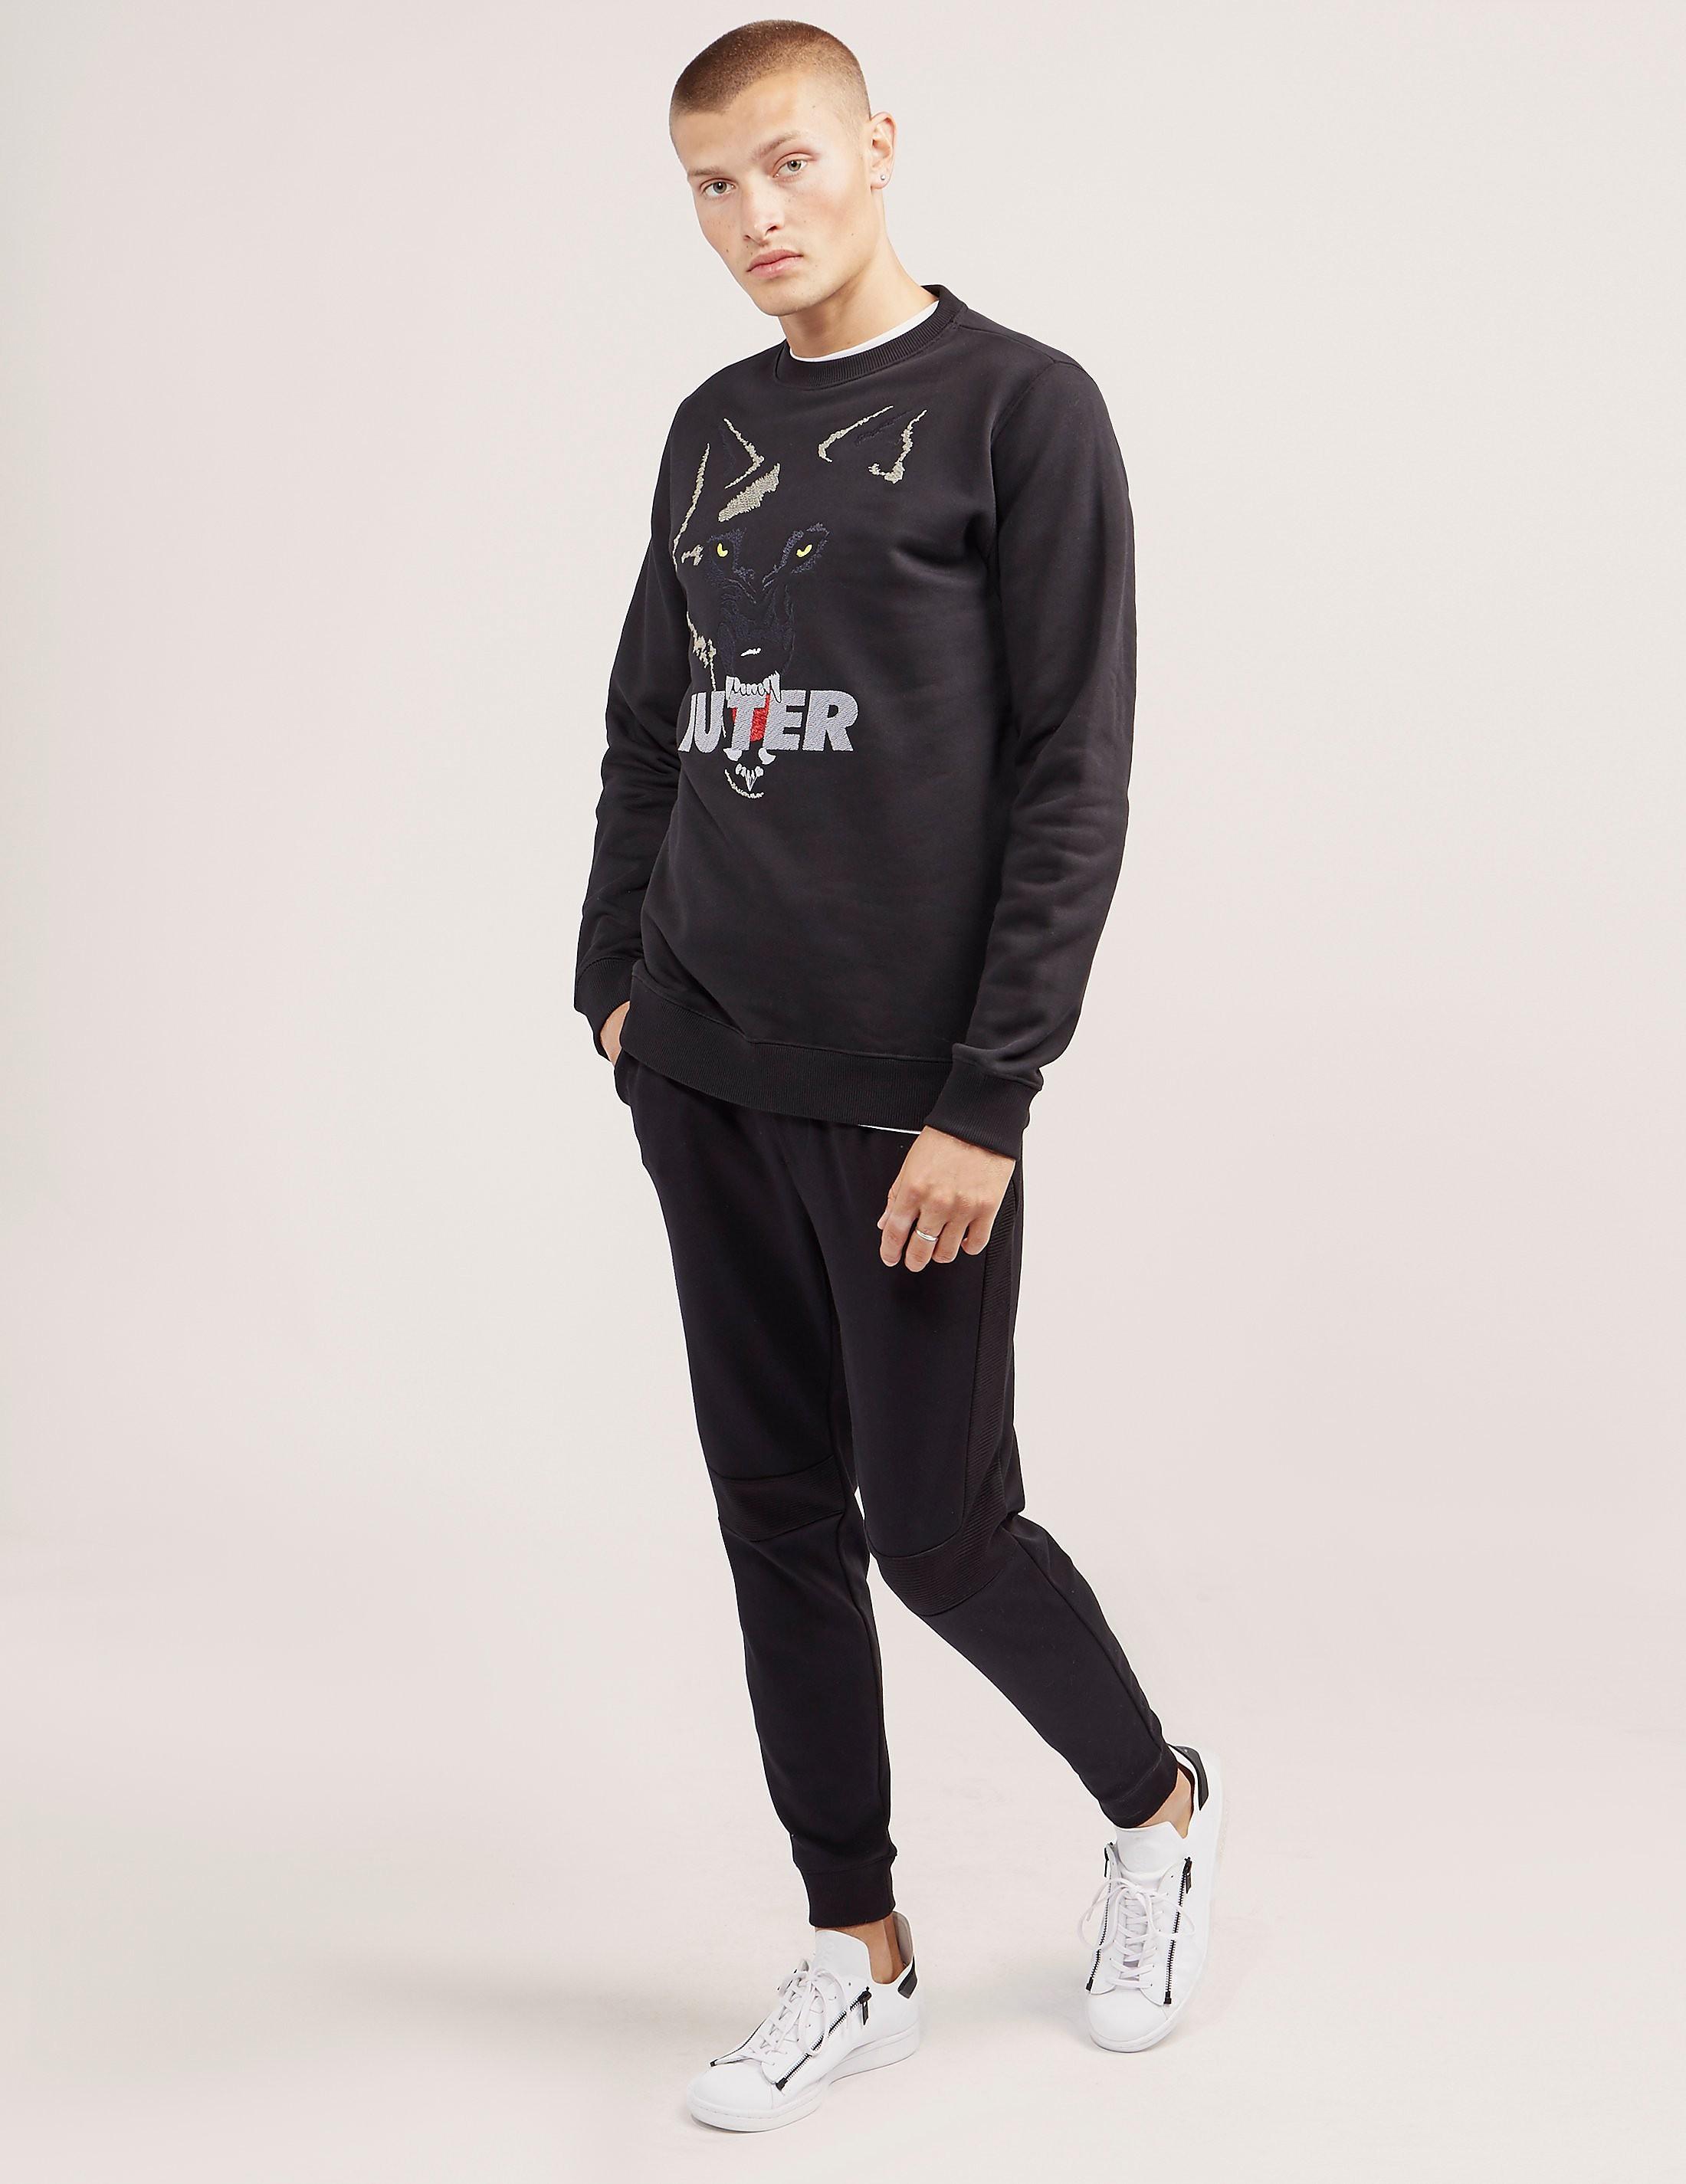 IUTER Growl Sweatshirt